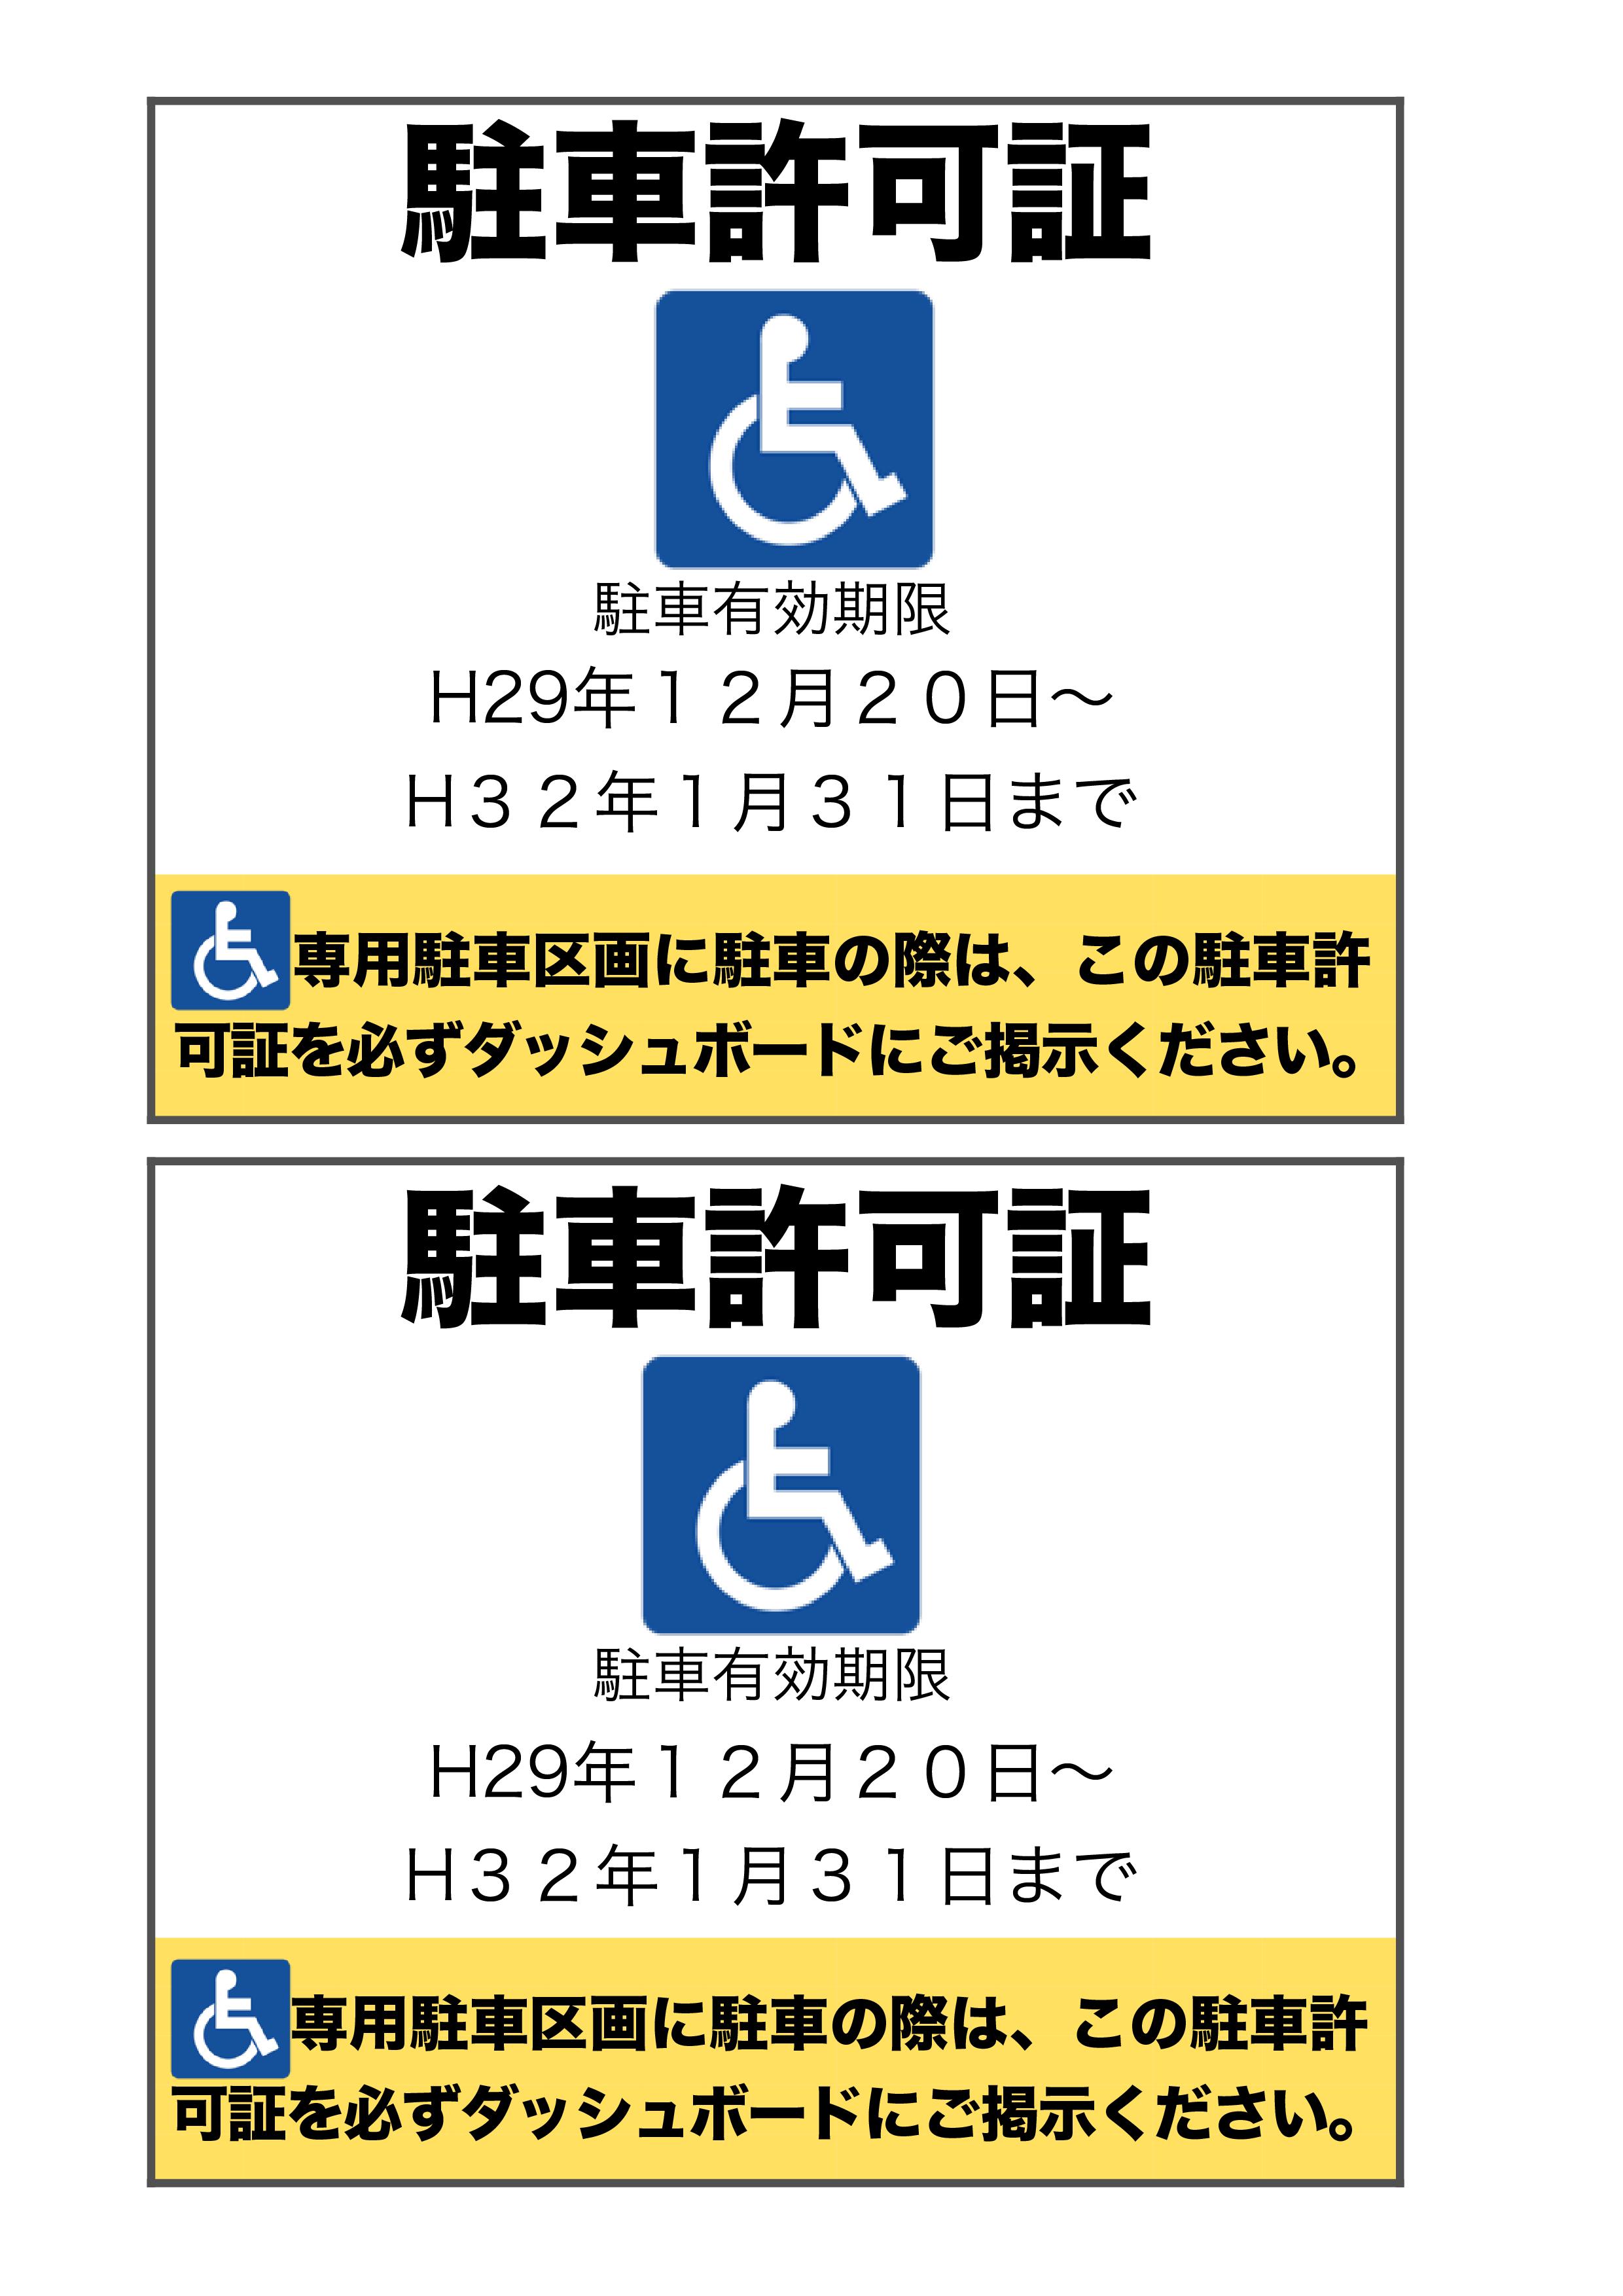 優先駐車場用 駐車許可証テンプレート(エクセル・ナンバーズ)A4ハーフ2枚